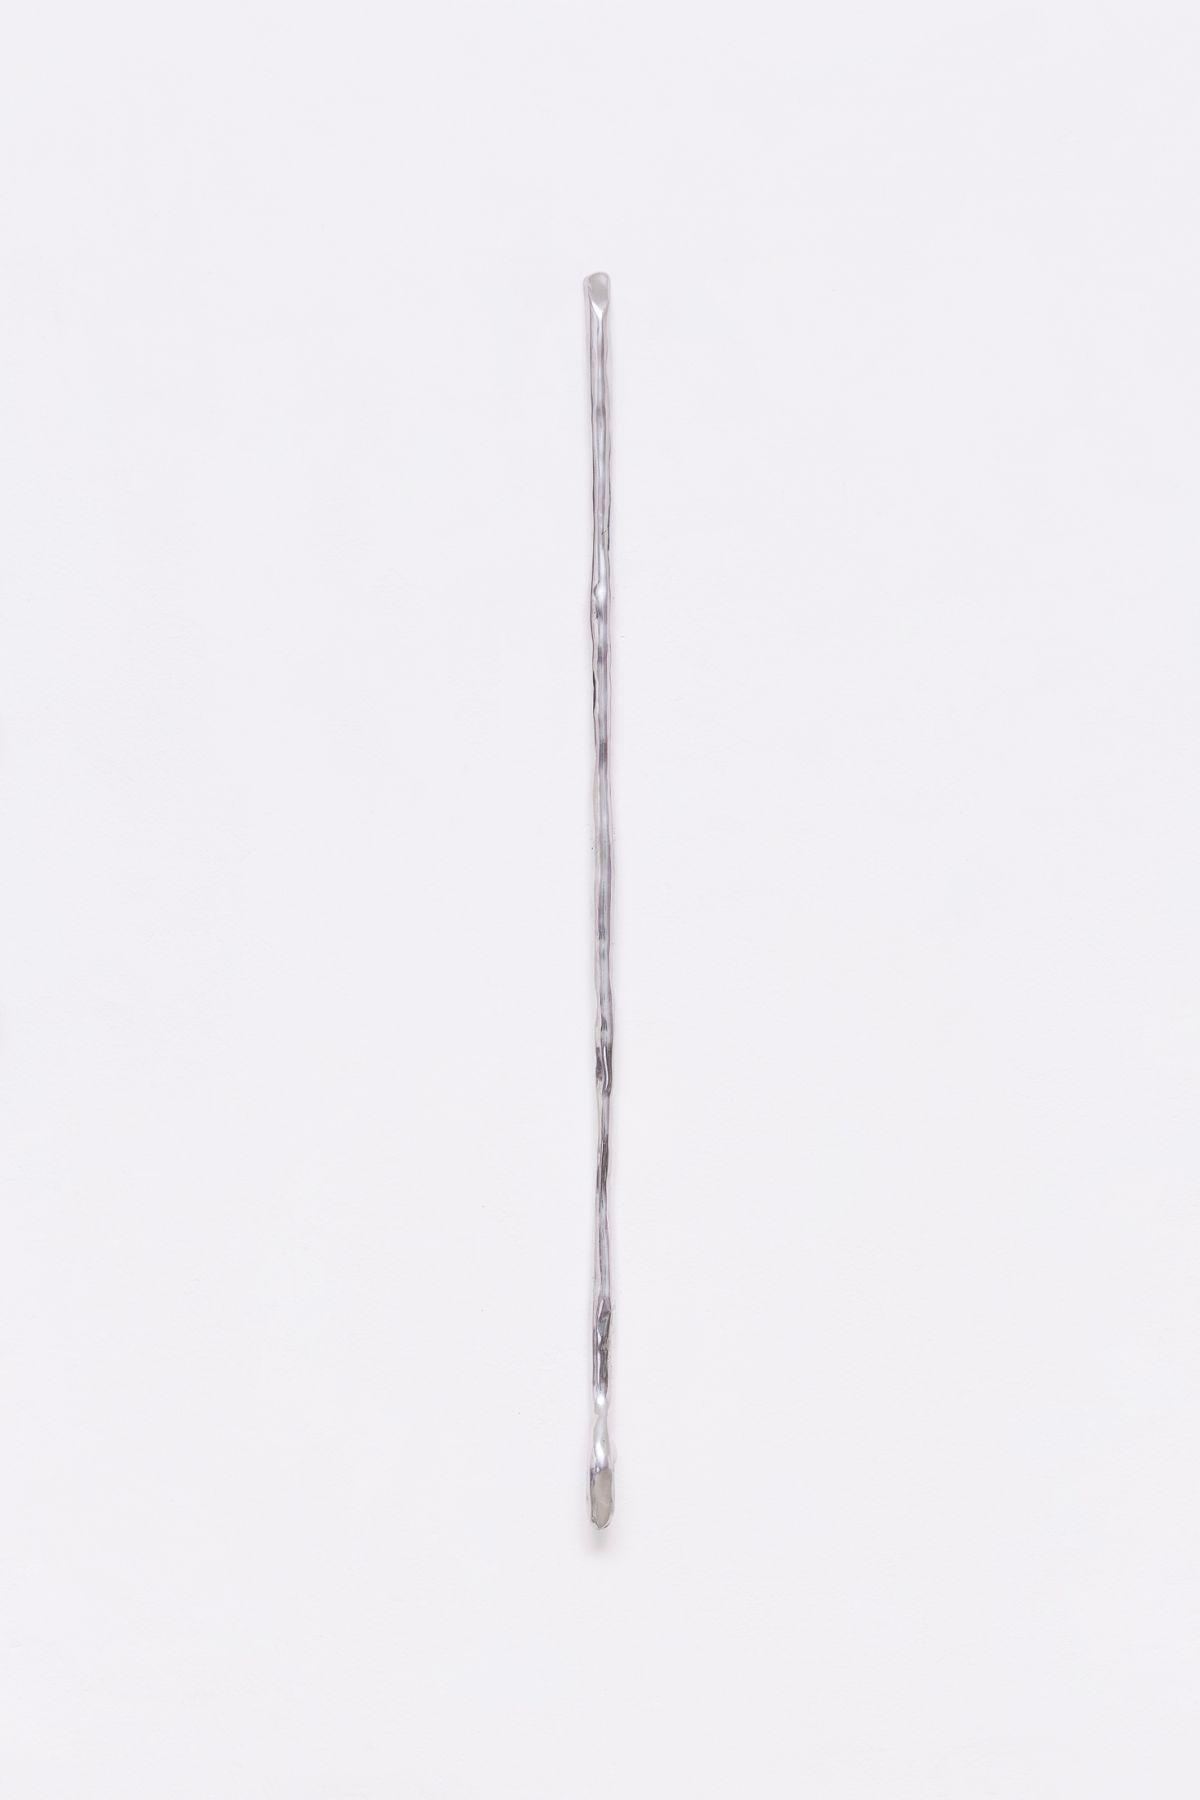 Paulo Monteiro Untitled, 2012